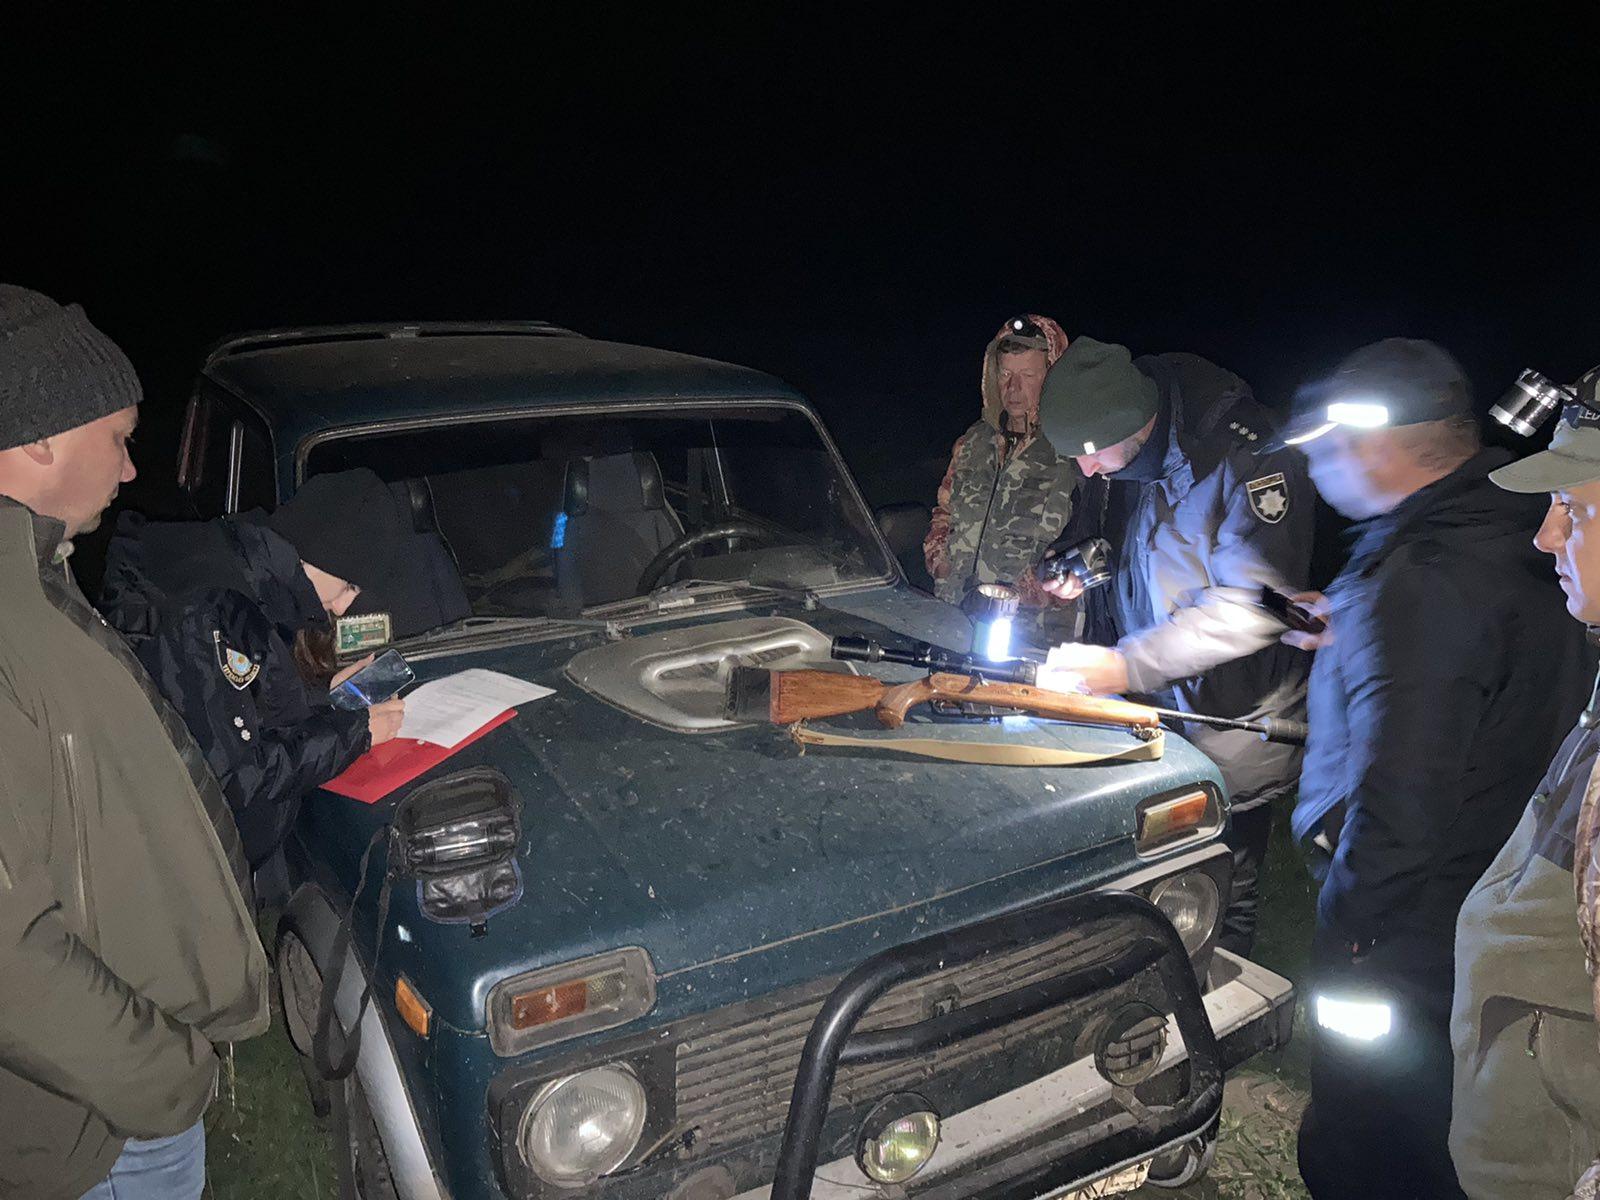 єгер мисливського господарства почув постріл з нарізної зброї поблизу села Домантове Золотонського району